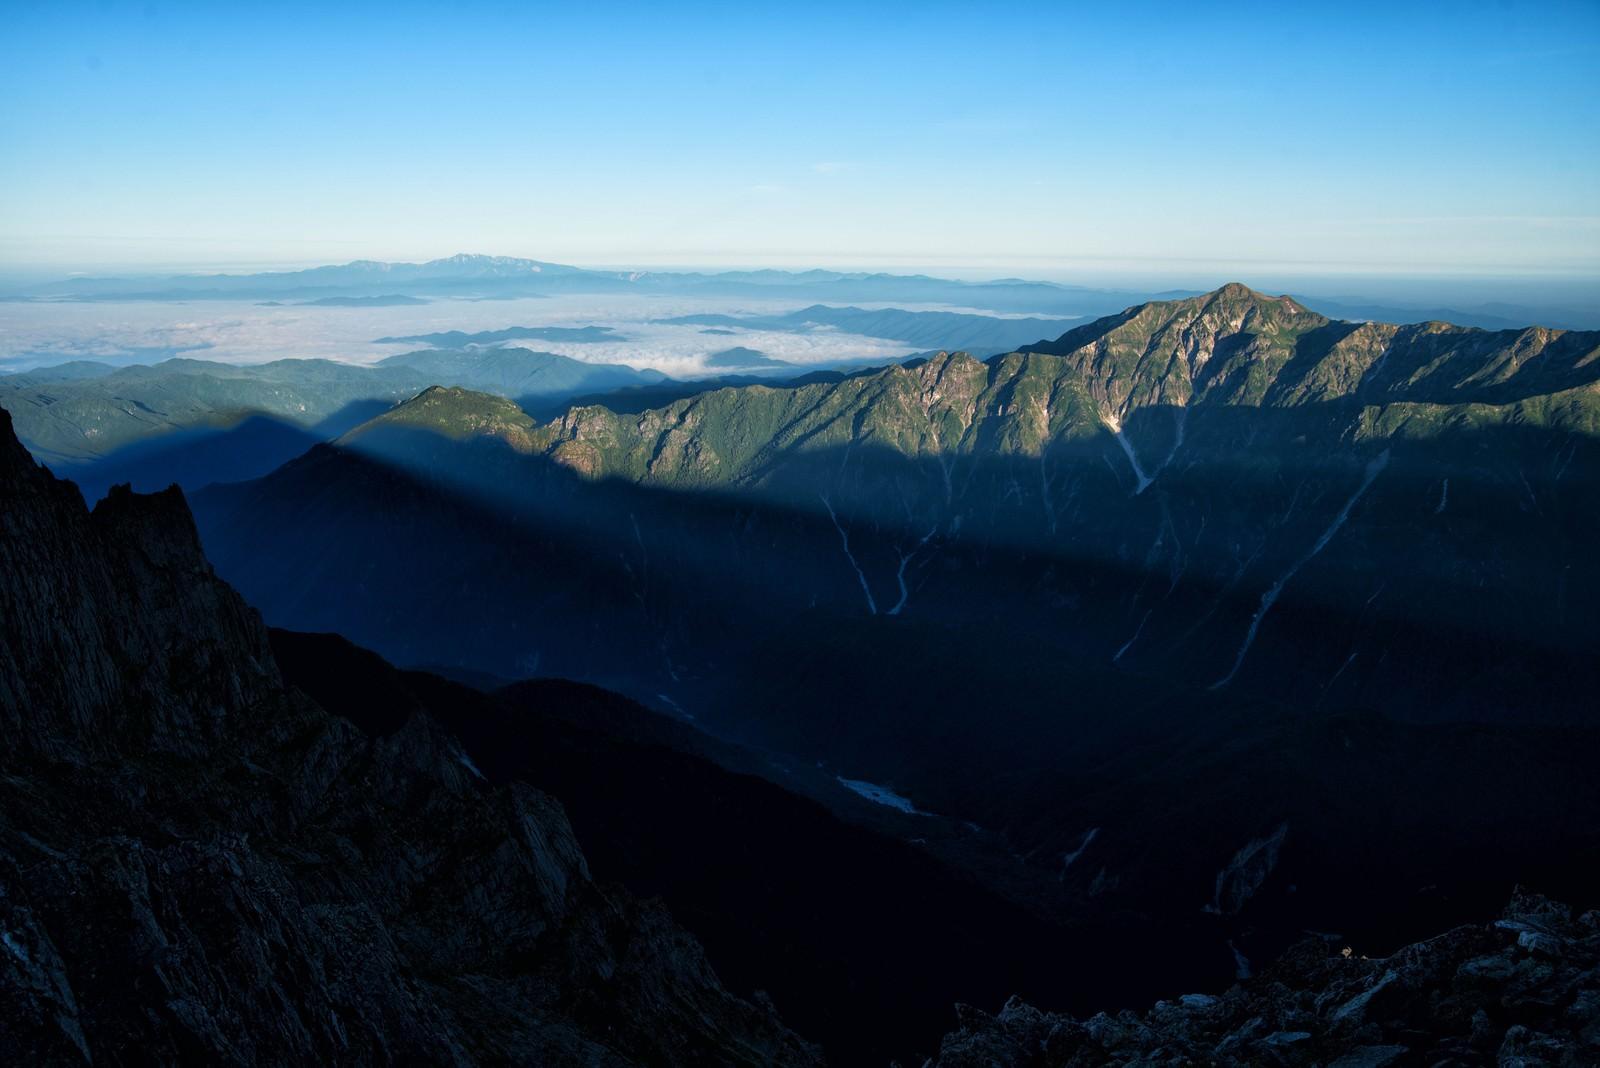 「穂高から伸びる影と笠ヶ岳 | 写真の無料素材・フリー素材 - ぱくたそ」の写真